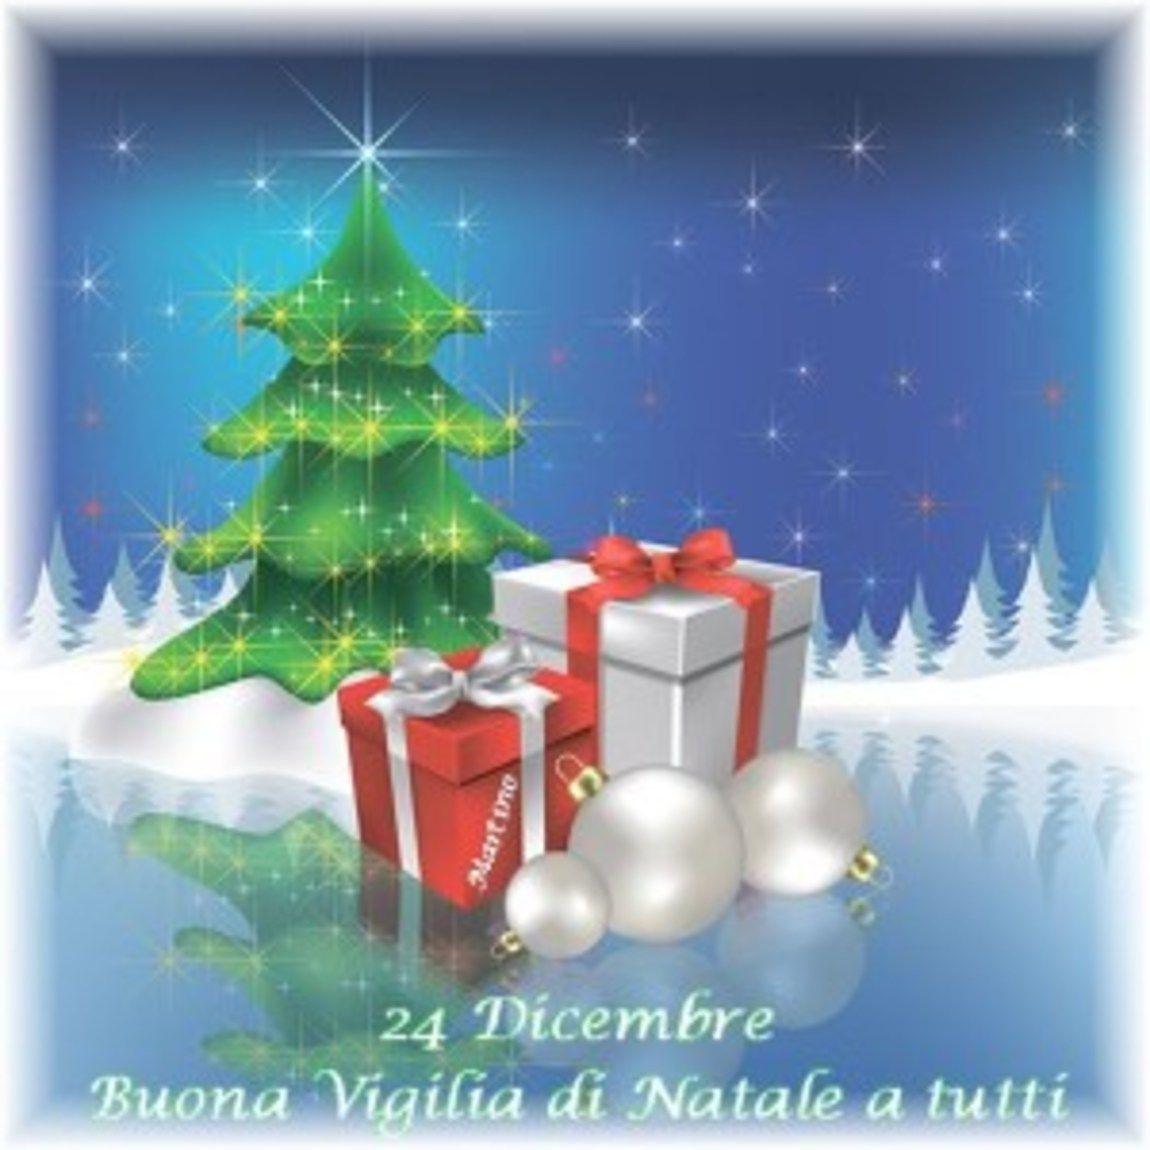 Frasi Vigilia Di Natale.Bellissime Frasi Vigilia Di Natale Auguri Per Vigilia Di